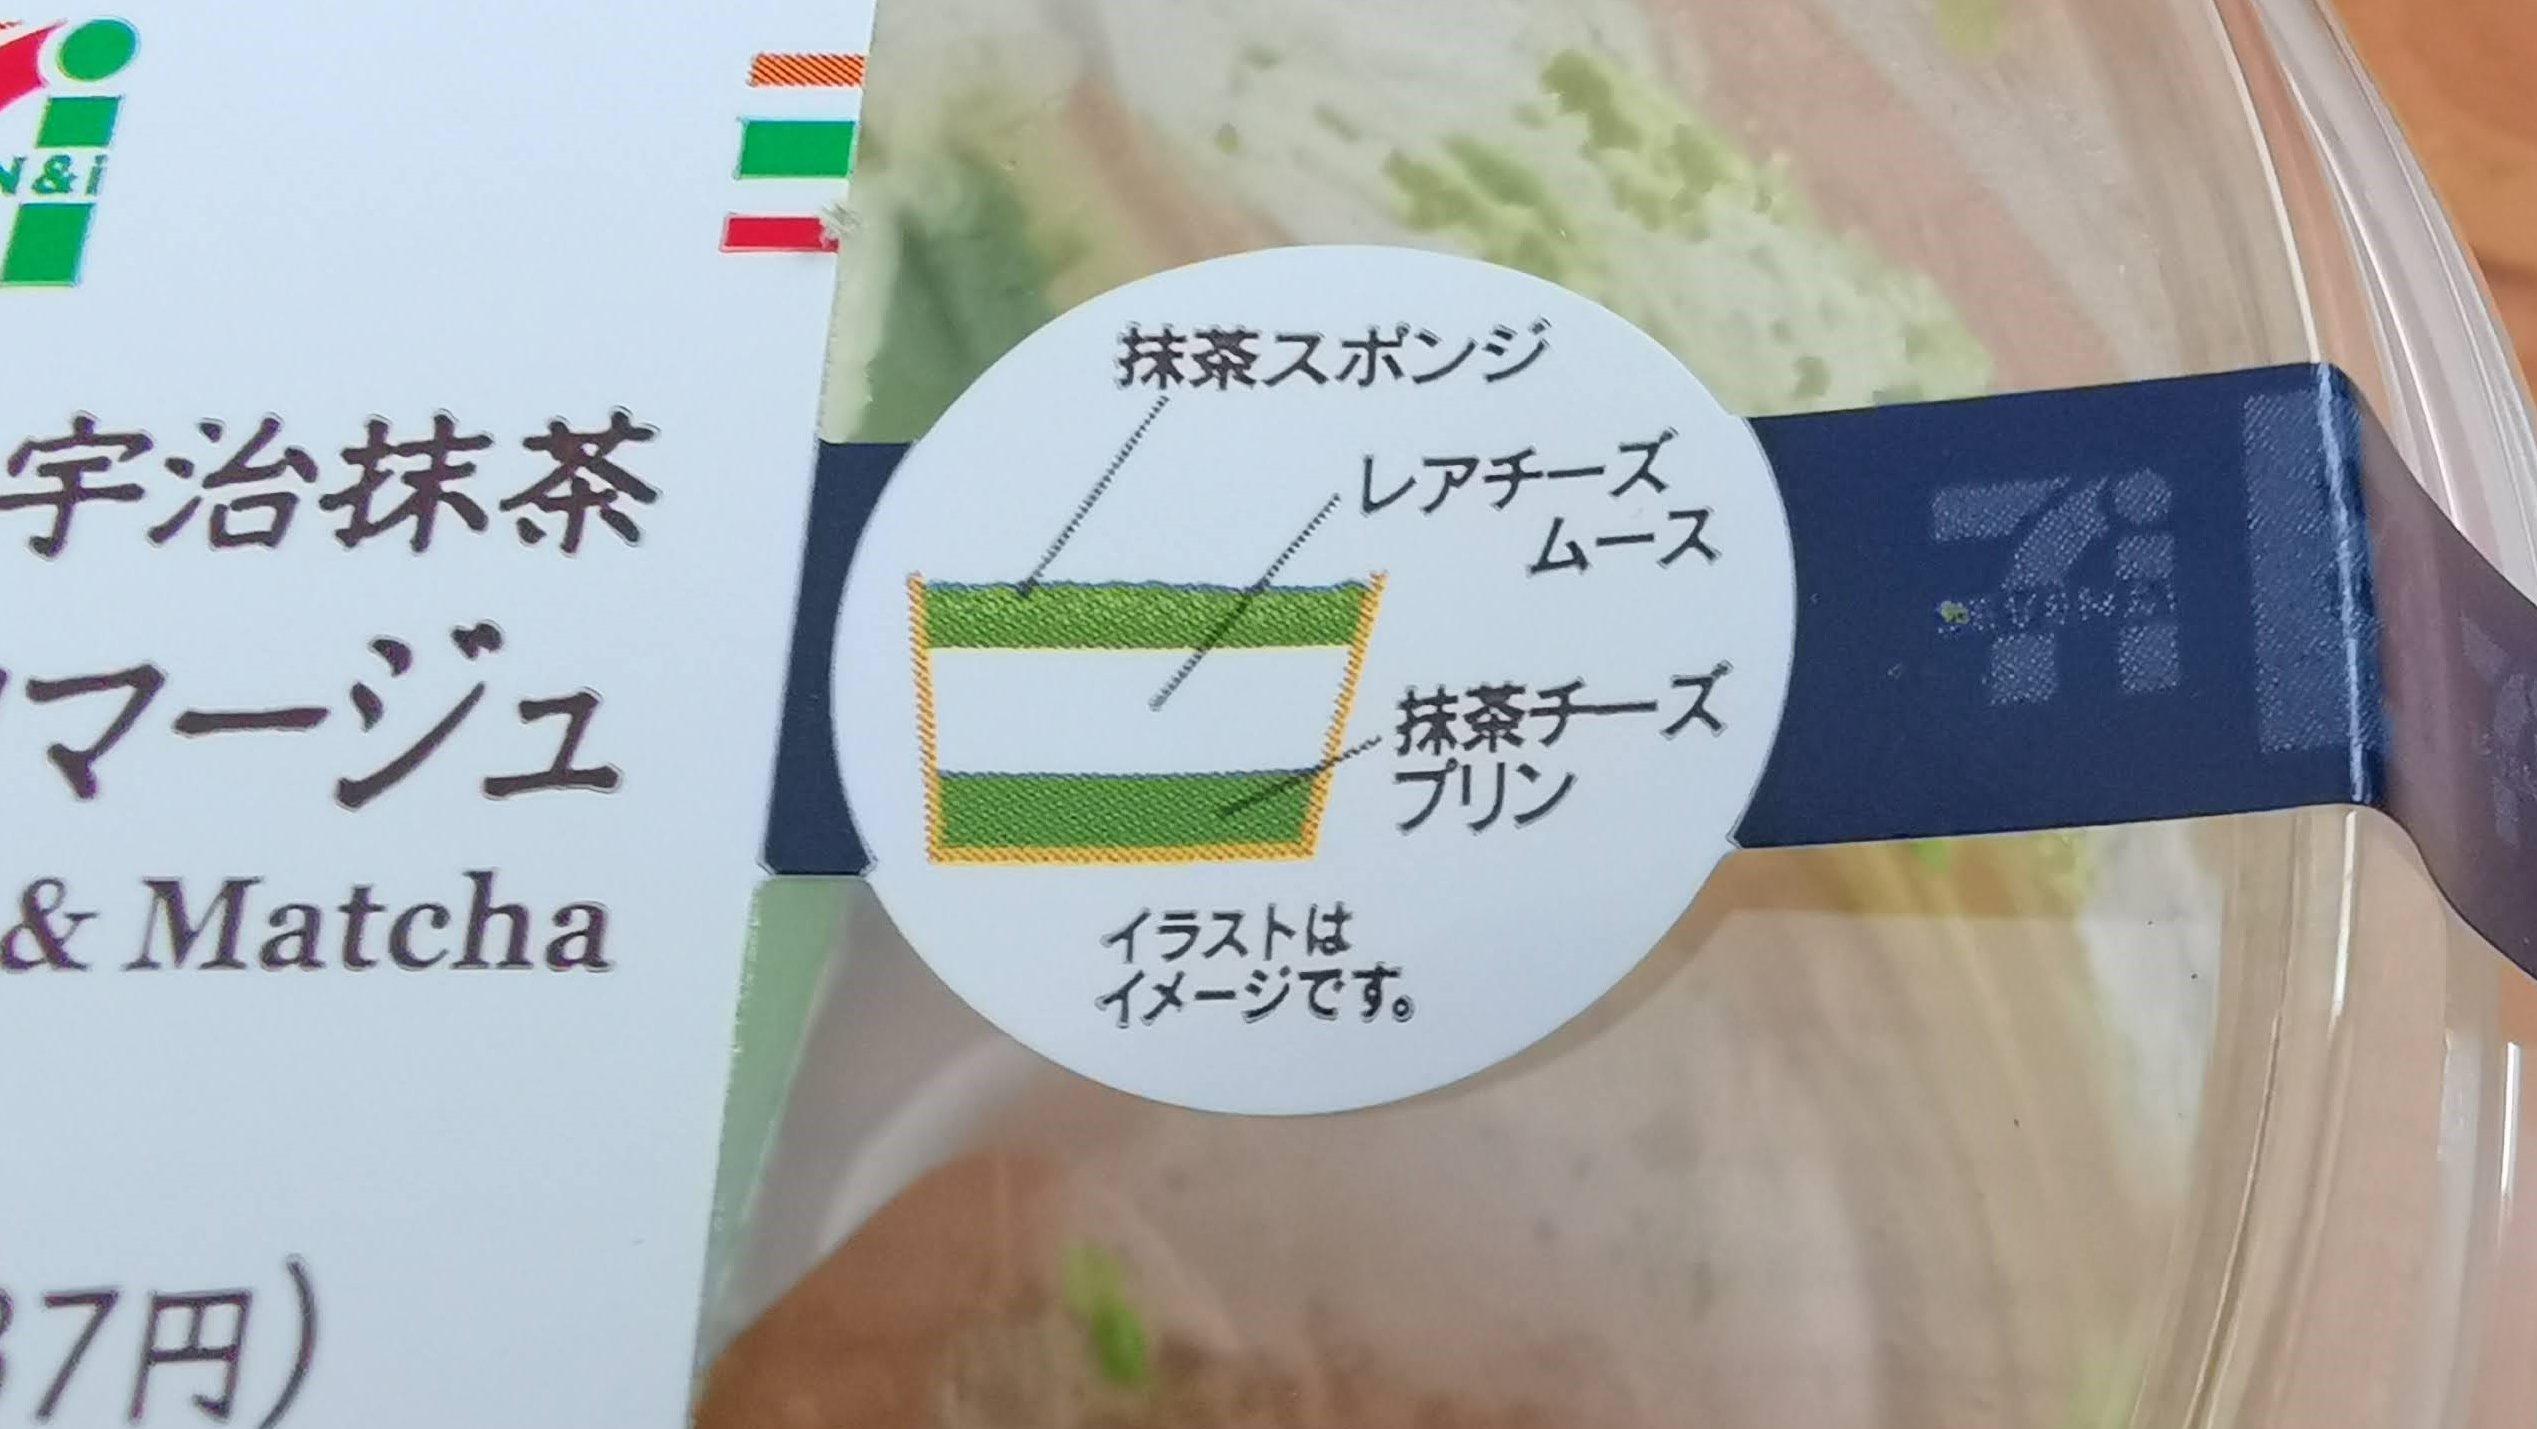 セブンイレブン 2層仕立ての宇治抹茶ドゥーブルフロマージュ (11)